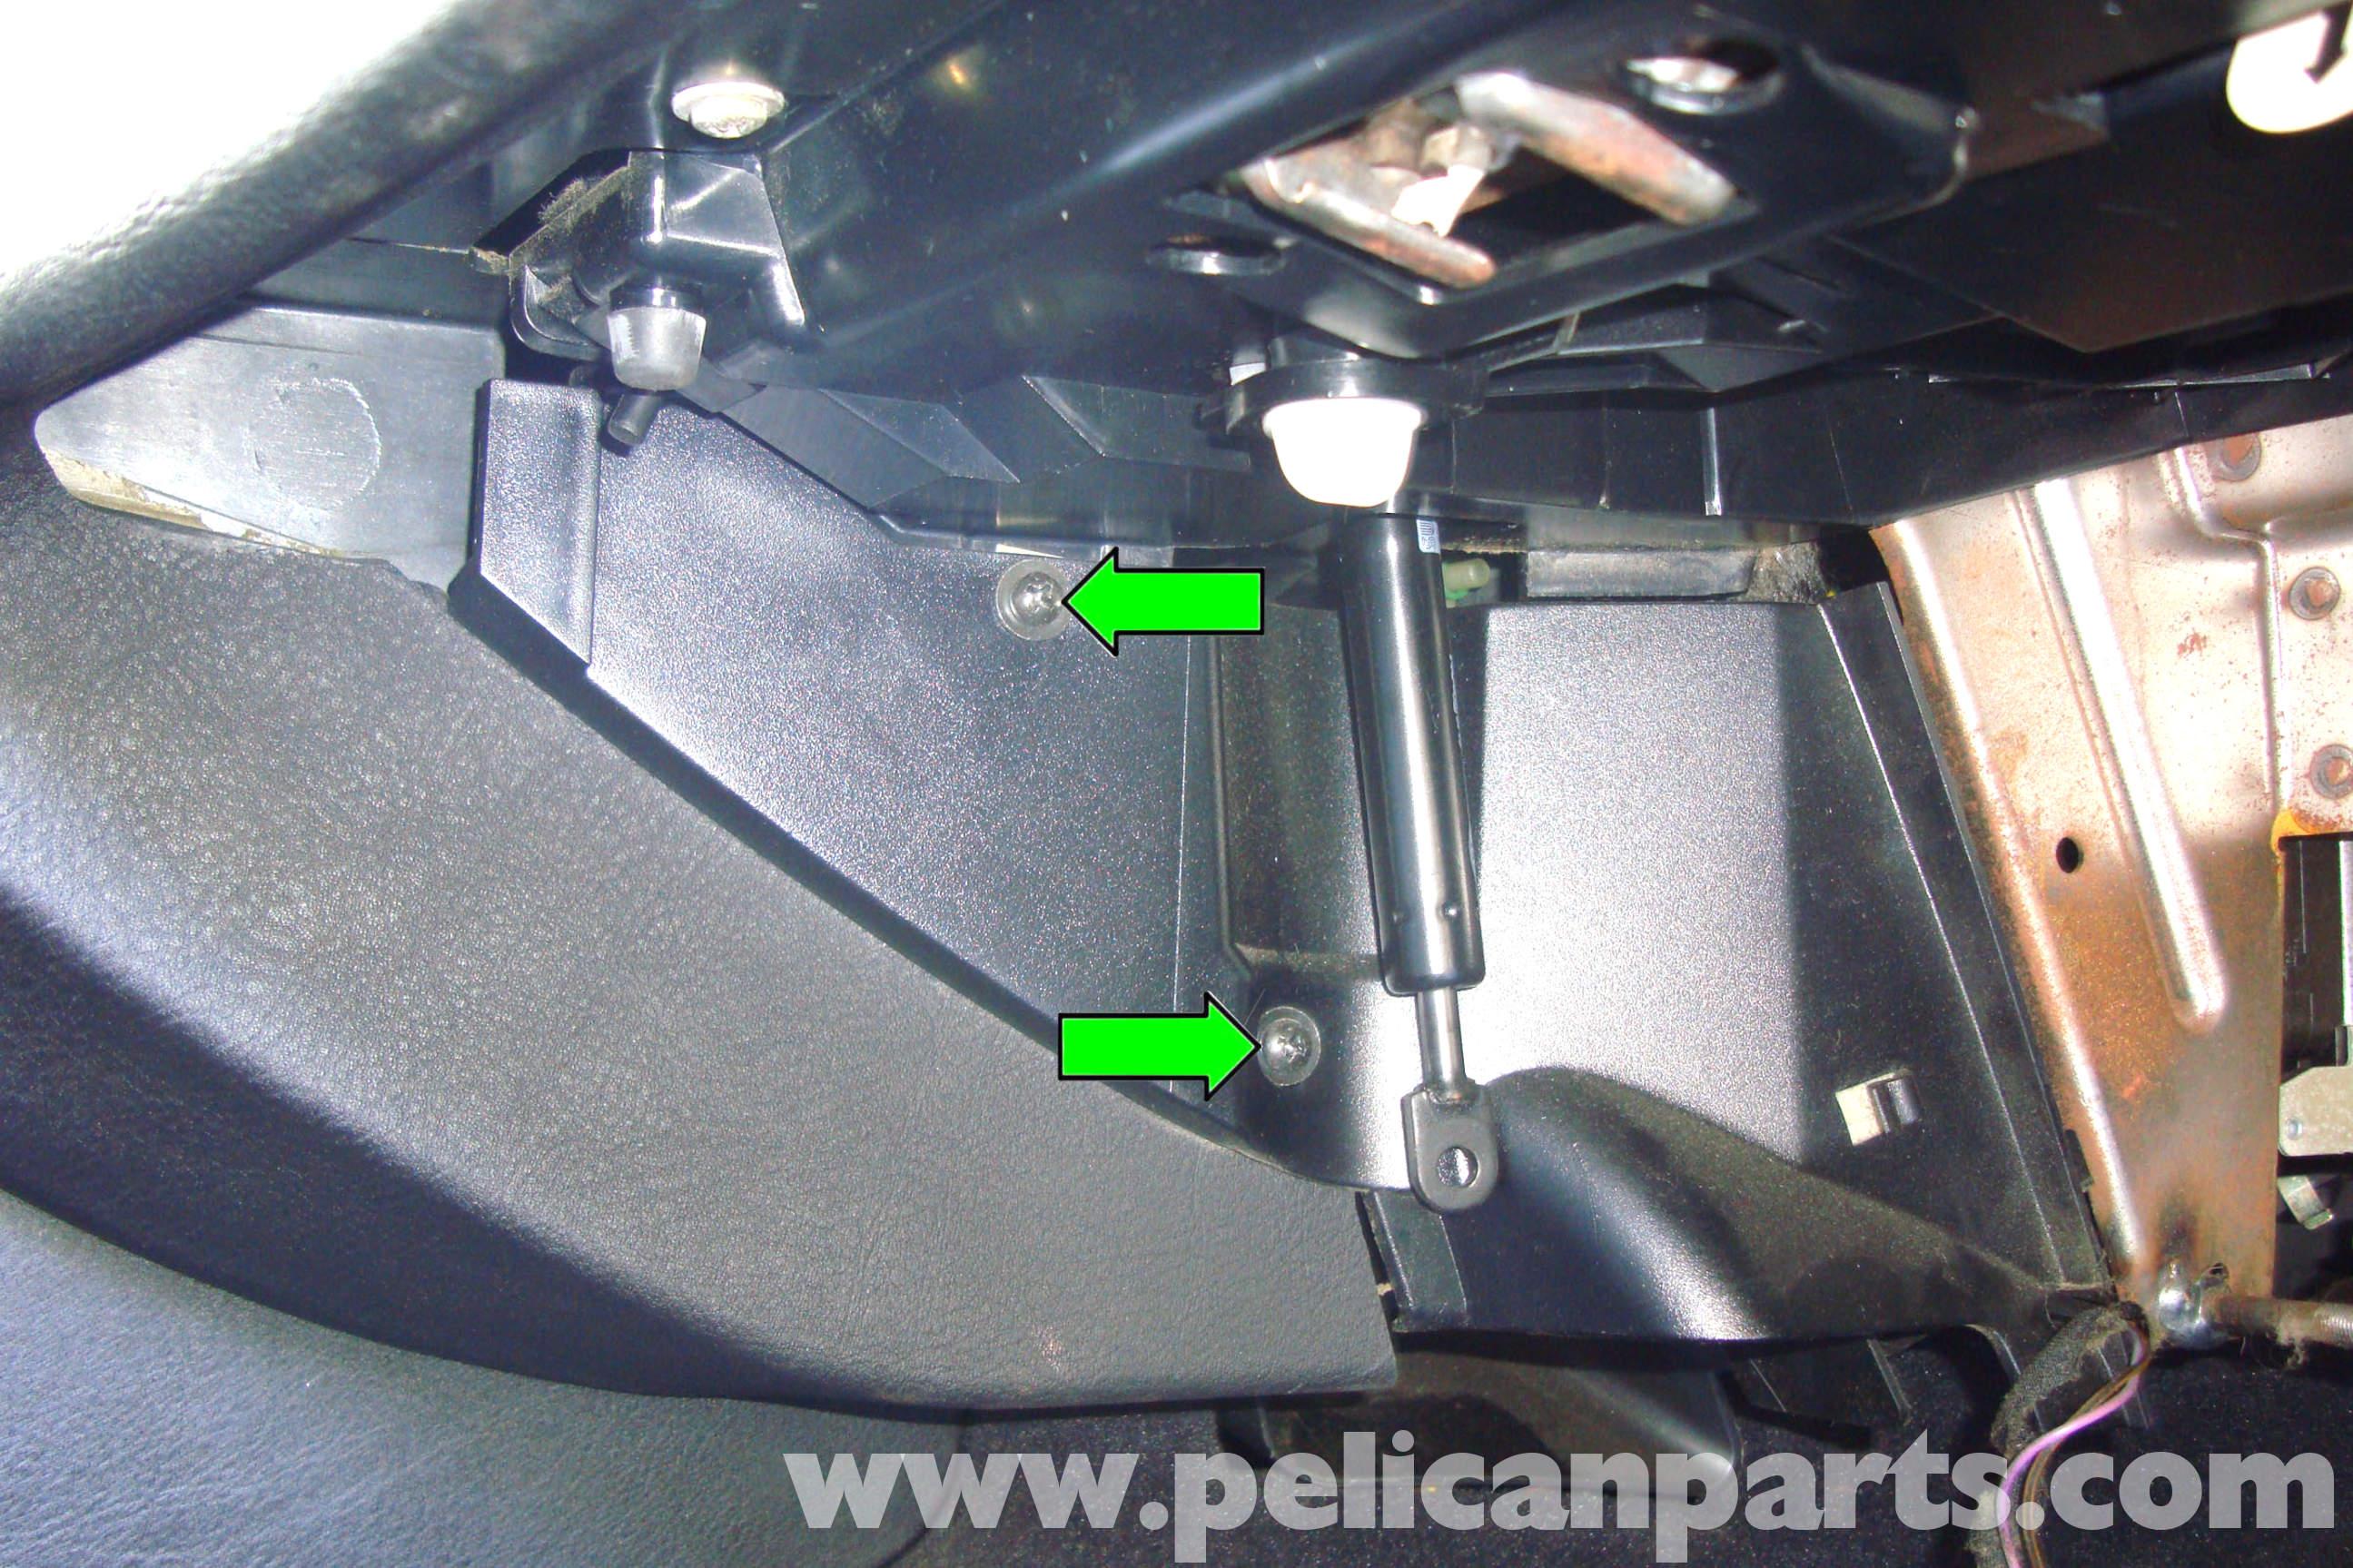 Bmw E39 Fuse Box Removal Schematics Diagram E34 530i 5 Series Glove 1997 2003 525i 528i